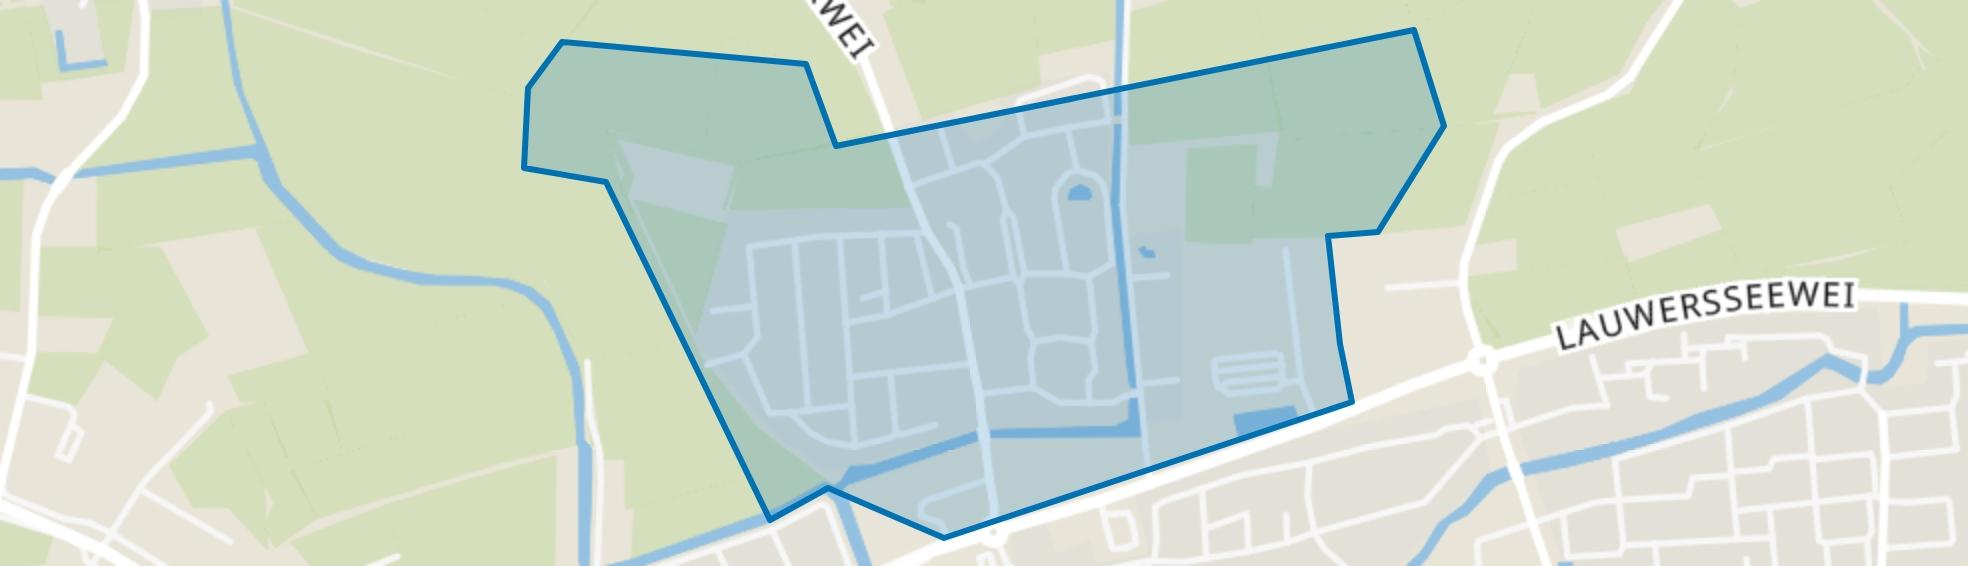 Dokkum Weeshuislanden, Dokkum map